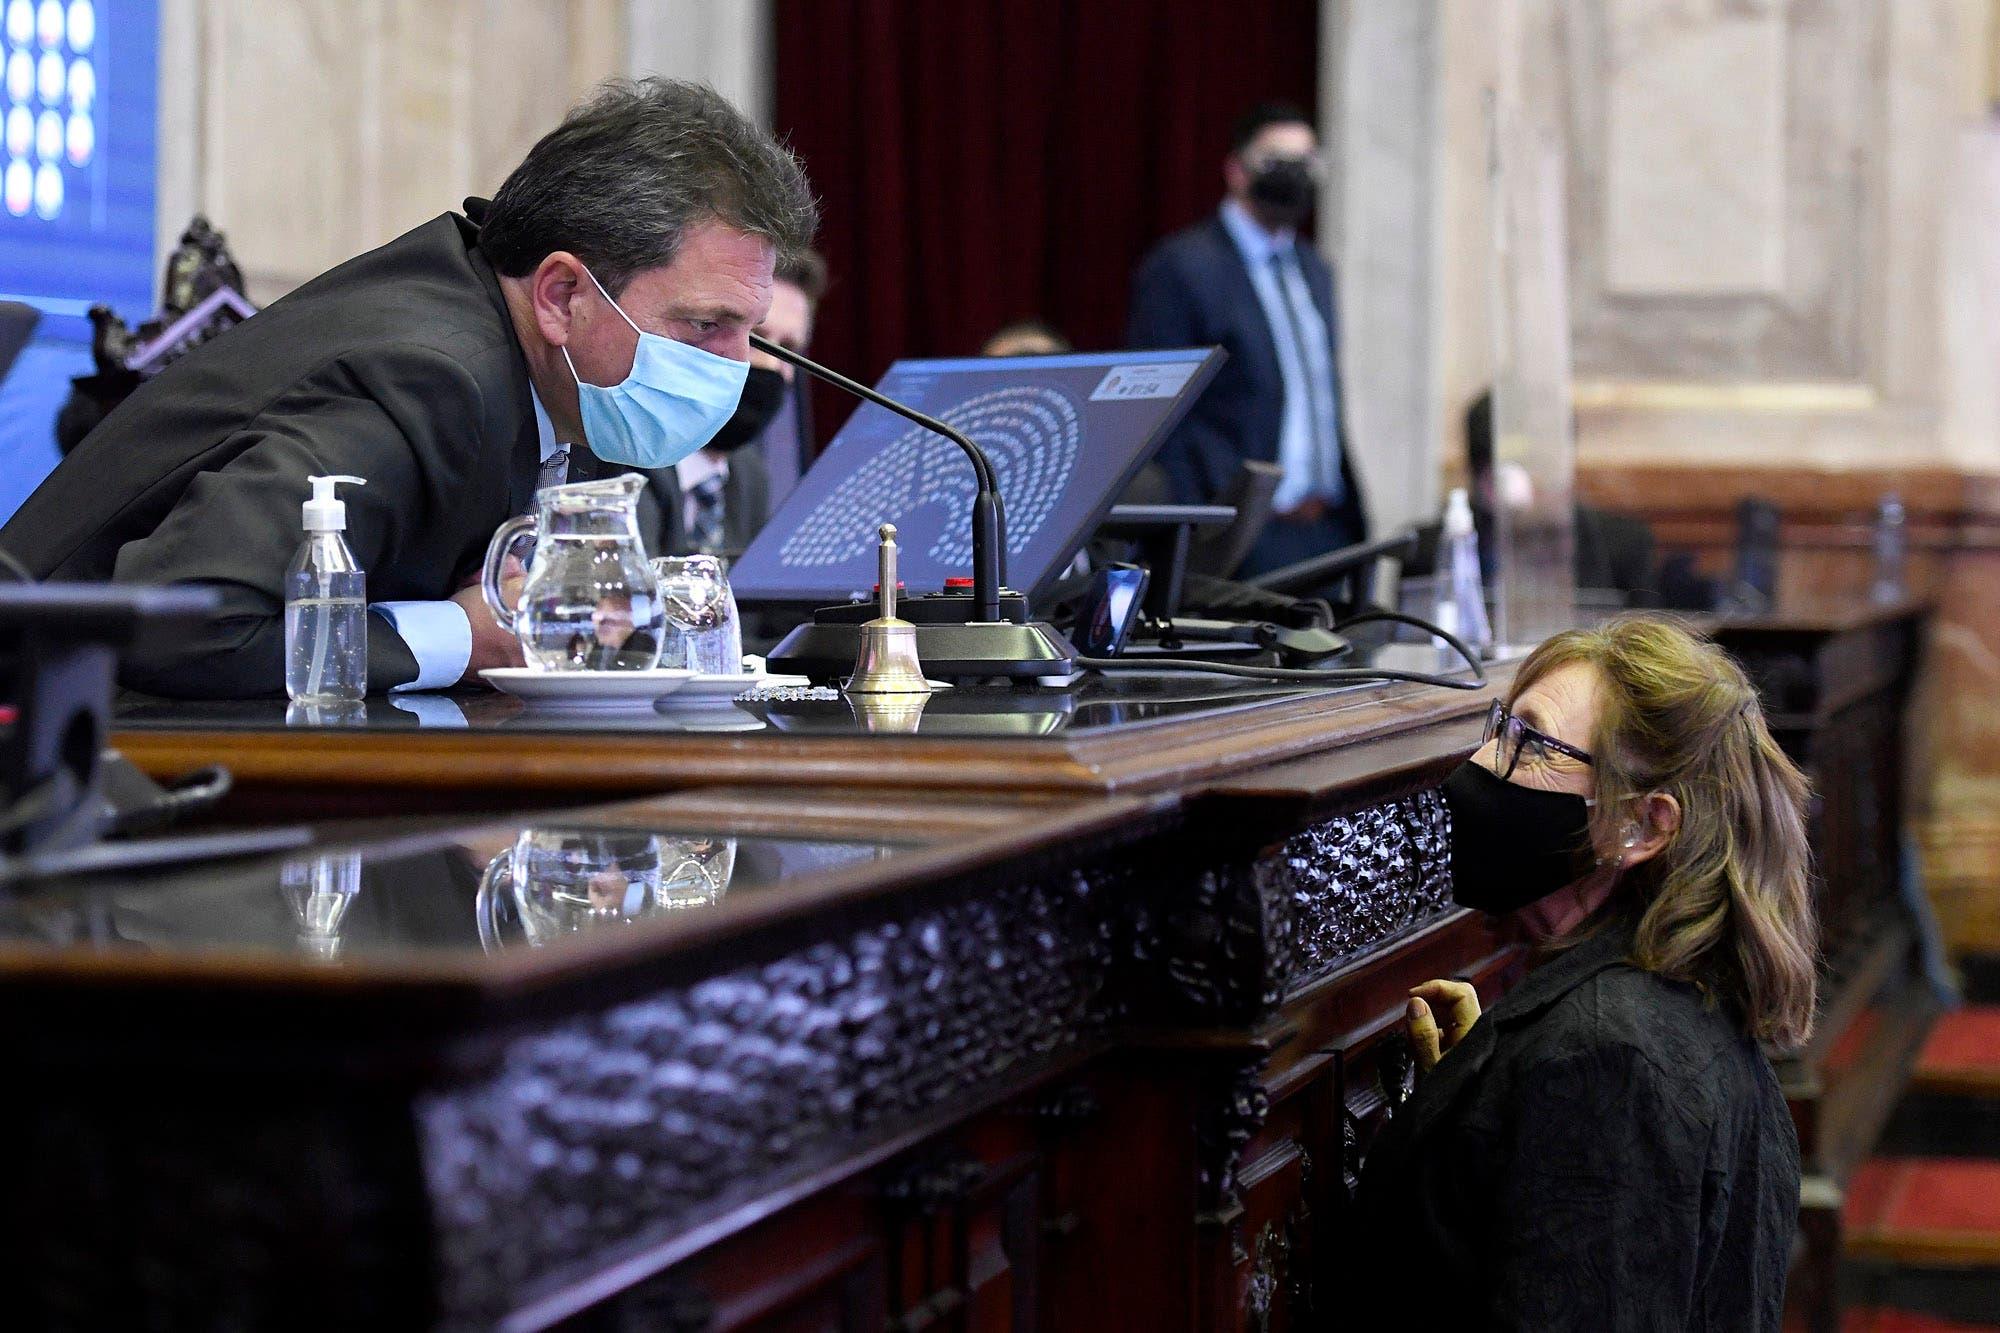 La aprobación de la reforma jubilatoria se anticipa difícil en Diputados y serán decisivas las terceras fuerzas